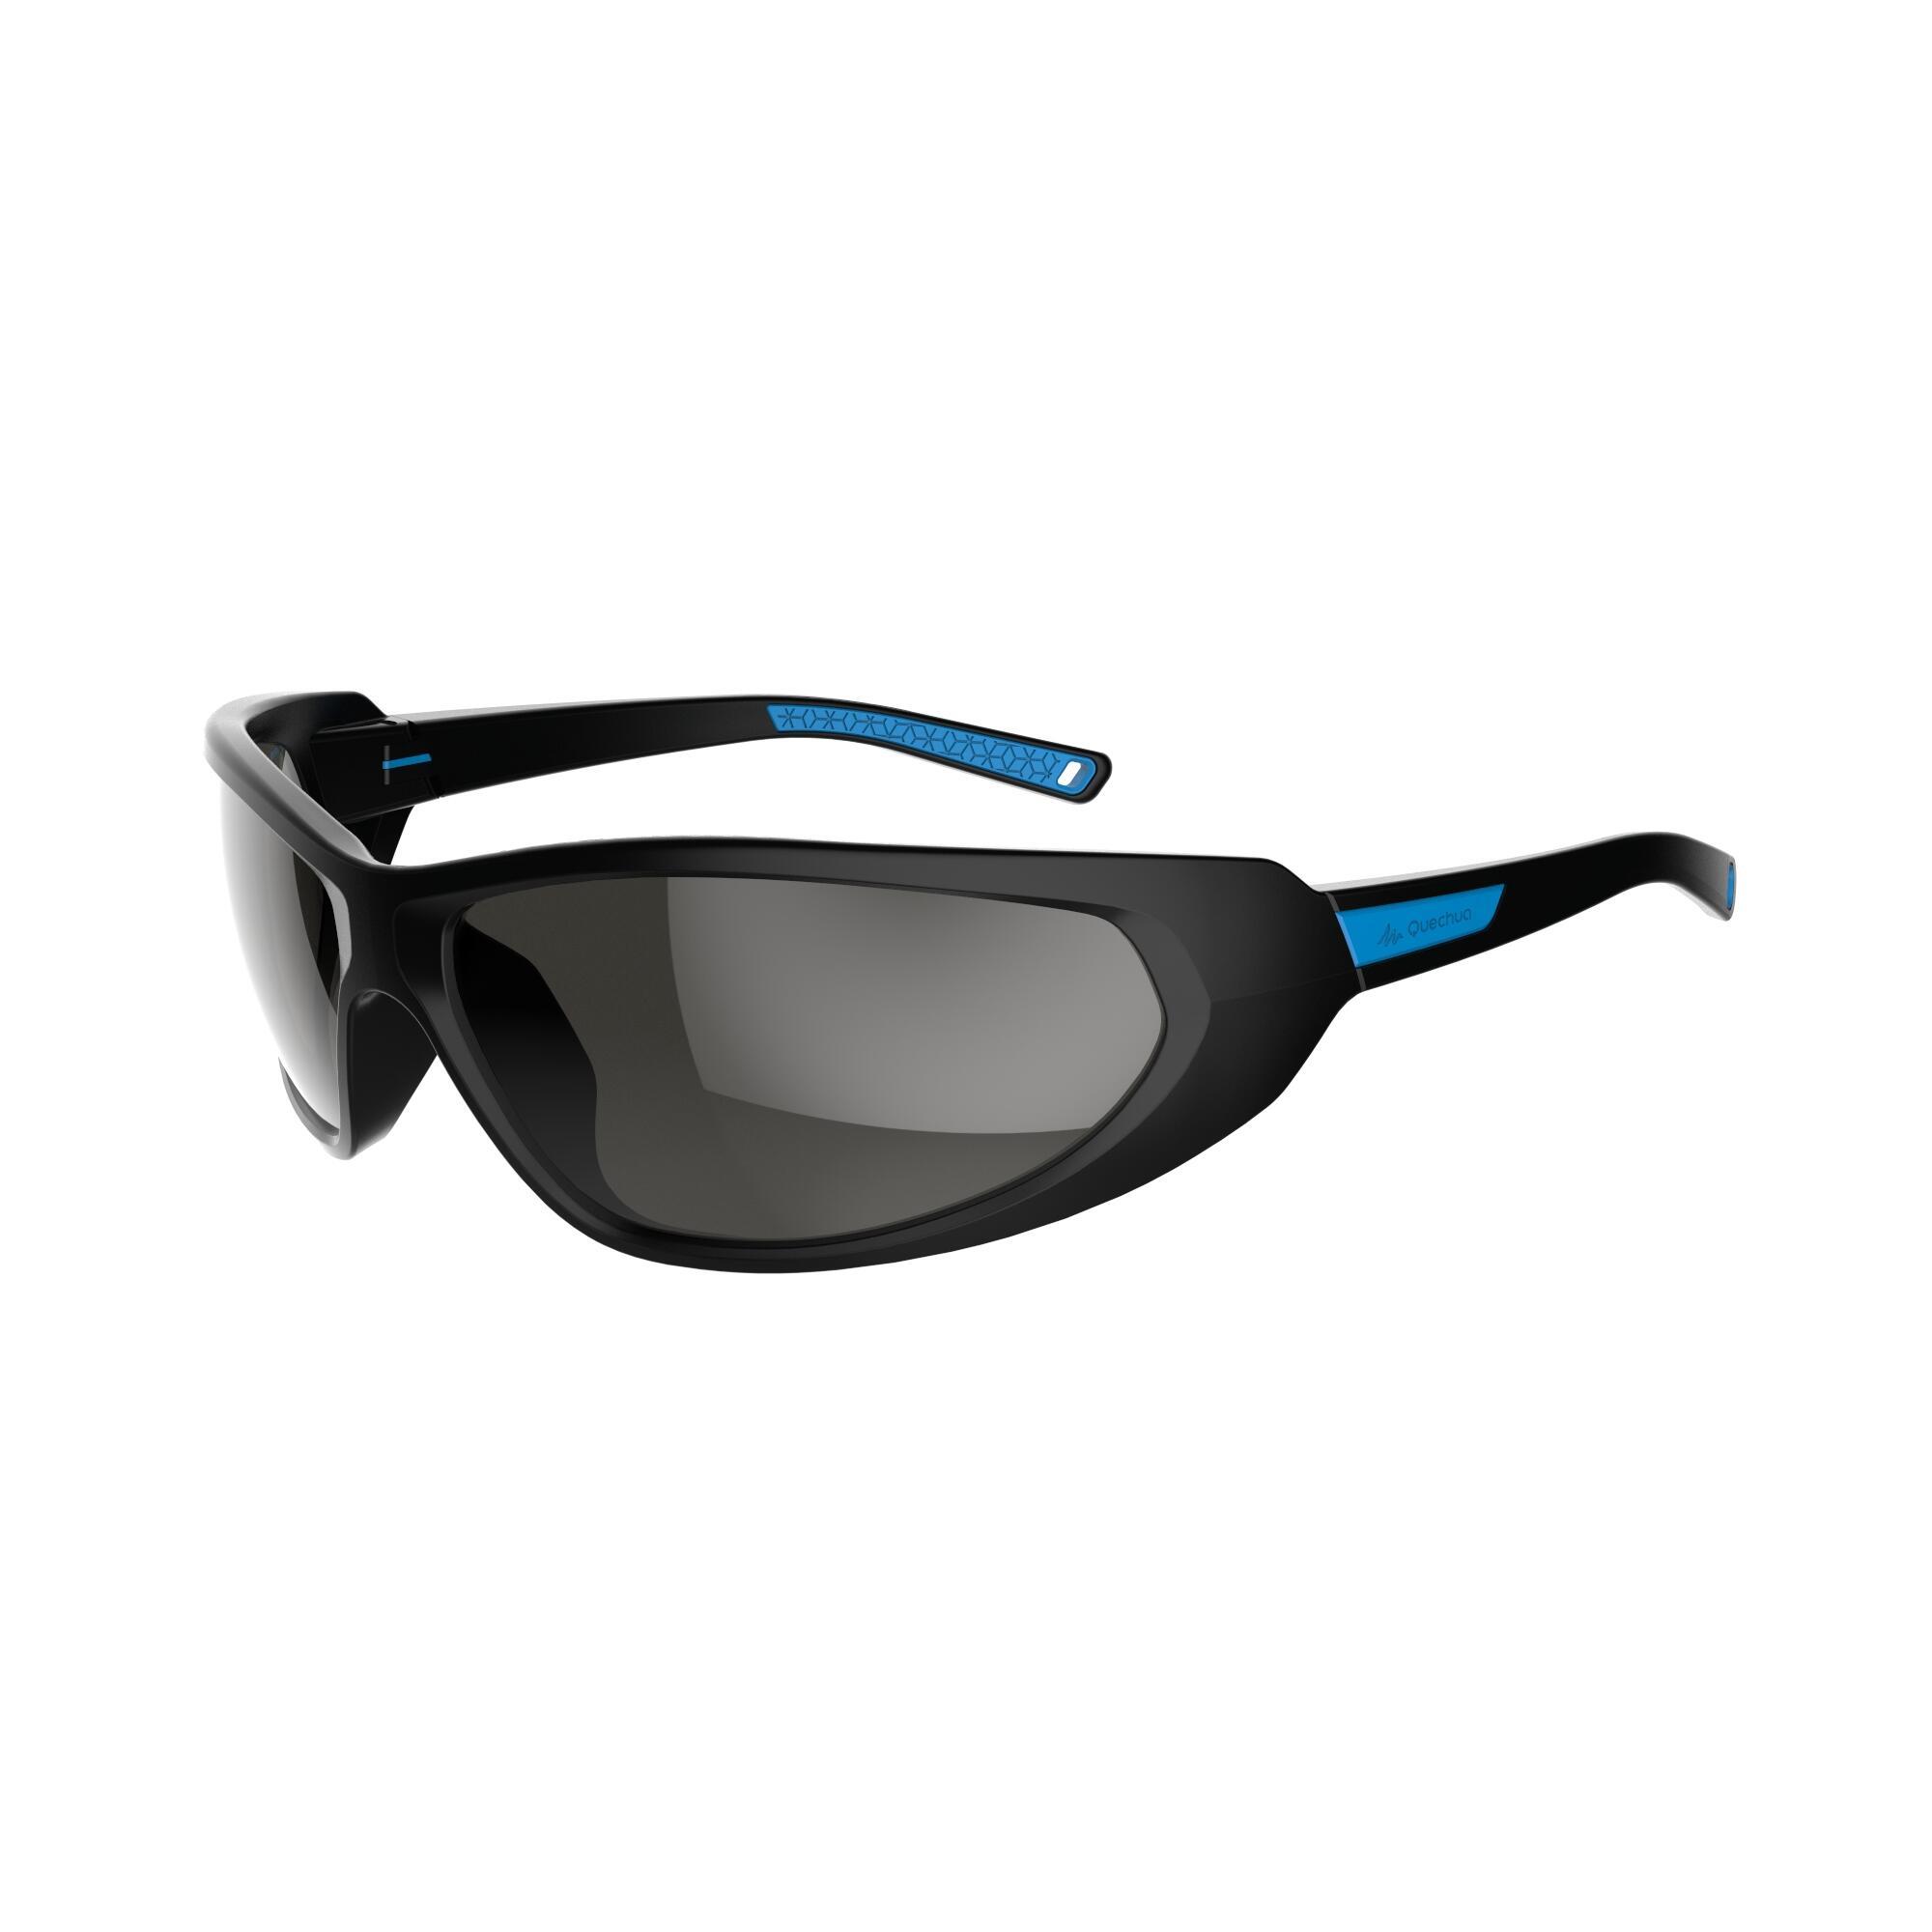 Lentes de sol de senderismo para adulto MH 510 negras y azules de categoría 4